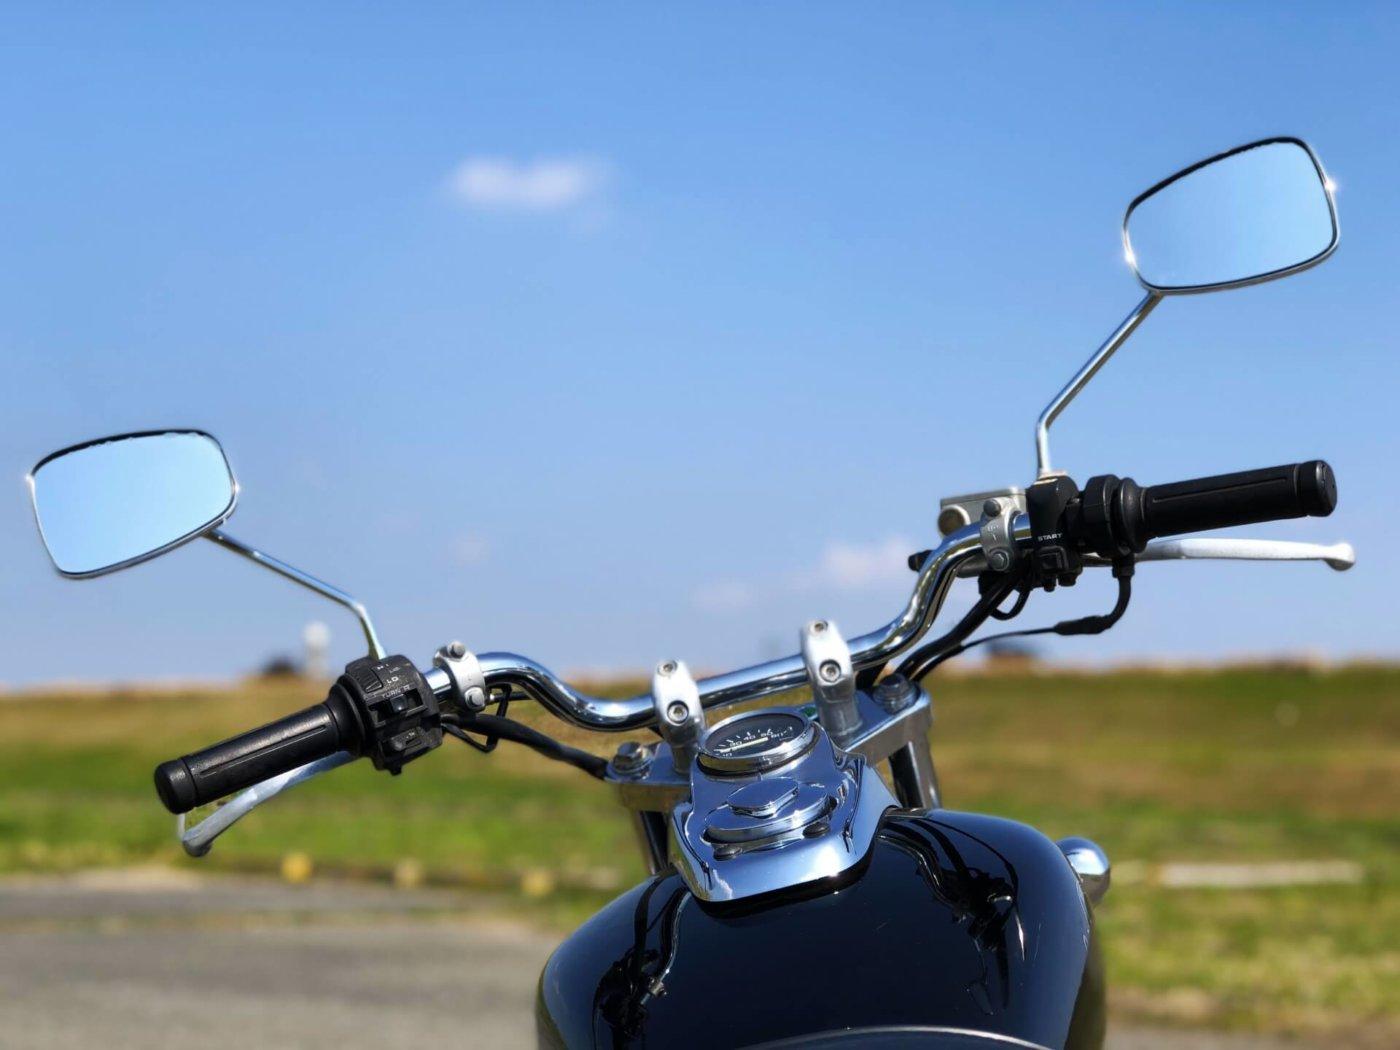 バイクの基礎用語解説〜ツーリングの意味って何?語源は?〜